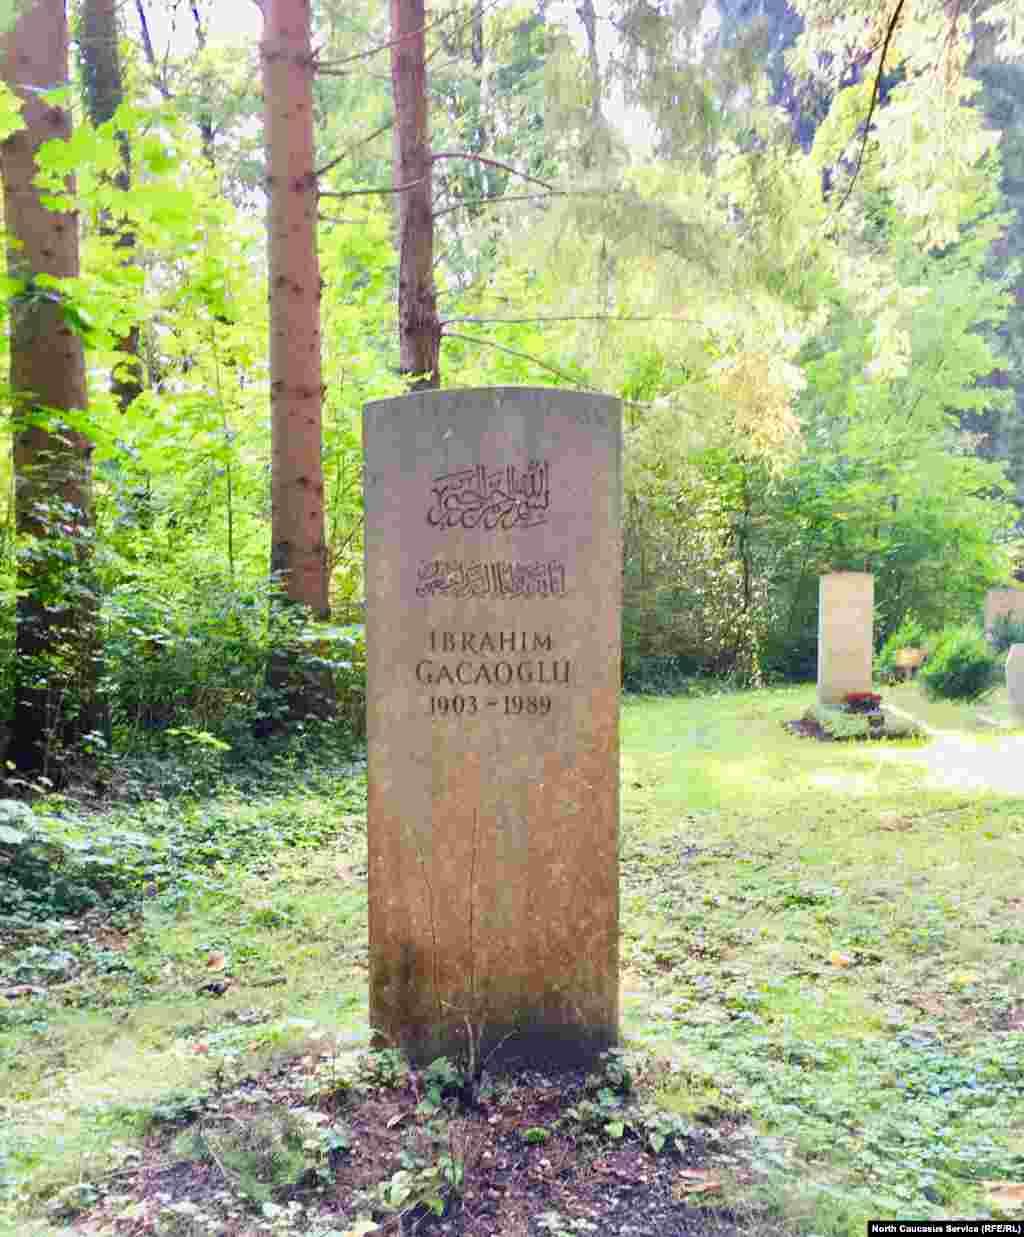 Ибрагим Гаджаоглу с 1948 по 1956 год был имамом в Мюнхене. Именно он стал инициатором погребения мусульман на кладбище Waldfriedhof. С мая 1961 года Ибрагим был главой исламской религиозной общины Западной Европы